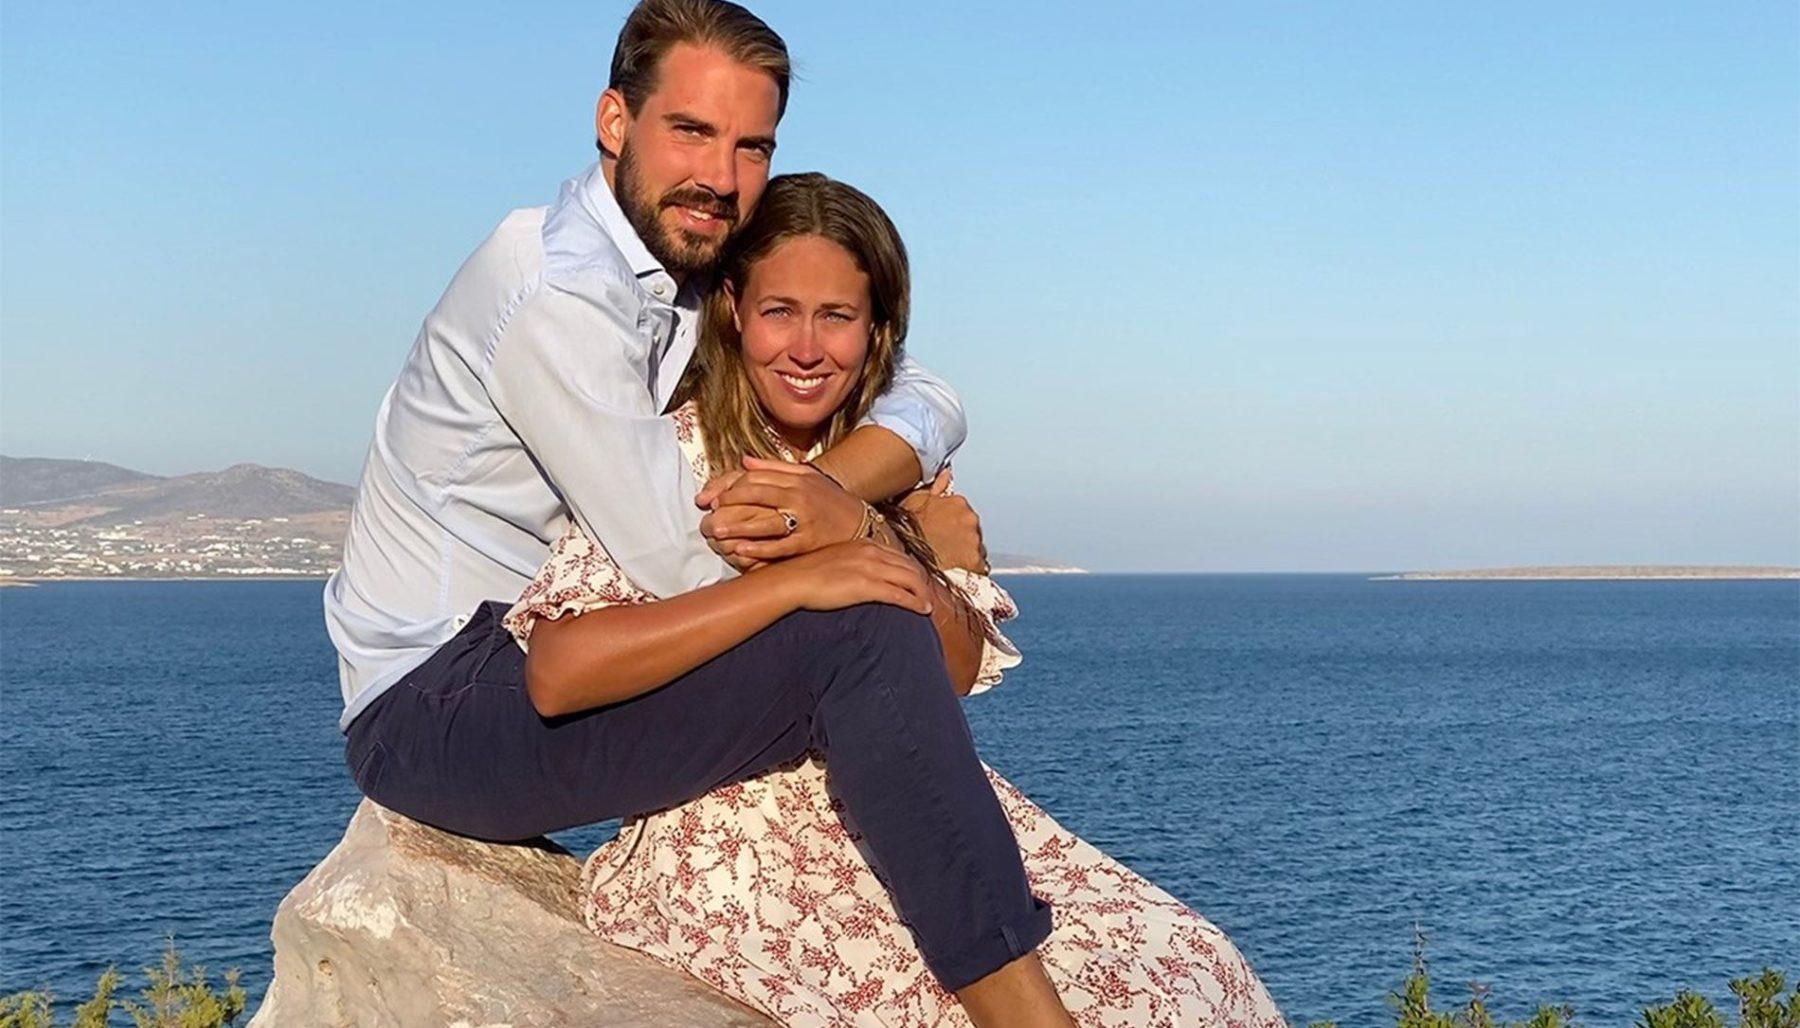 Πρίγκιπας Φίλιππος - Νίνα Φλορ : Δεύτερος γάμος και δεξίωση στην αγγλική επαρχία